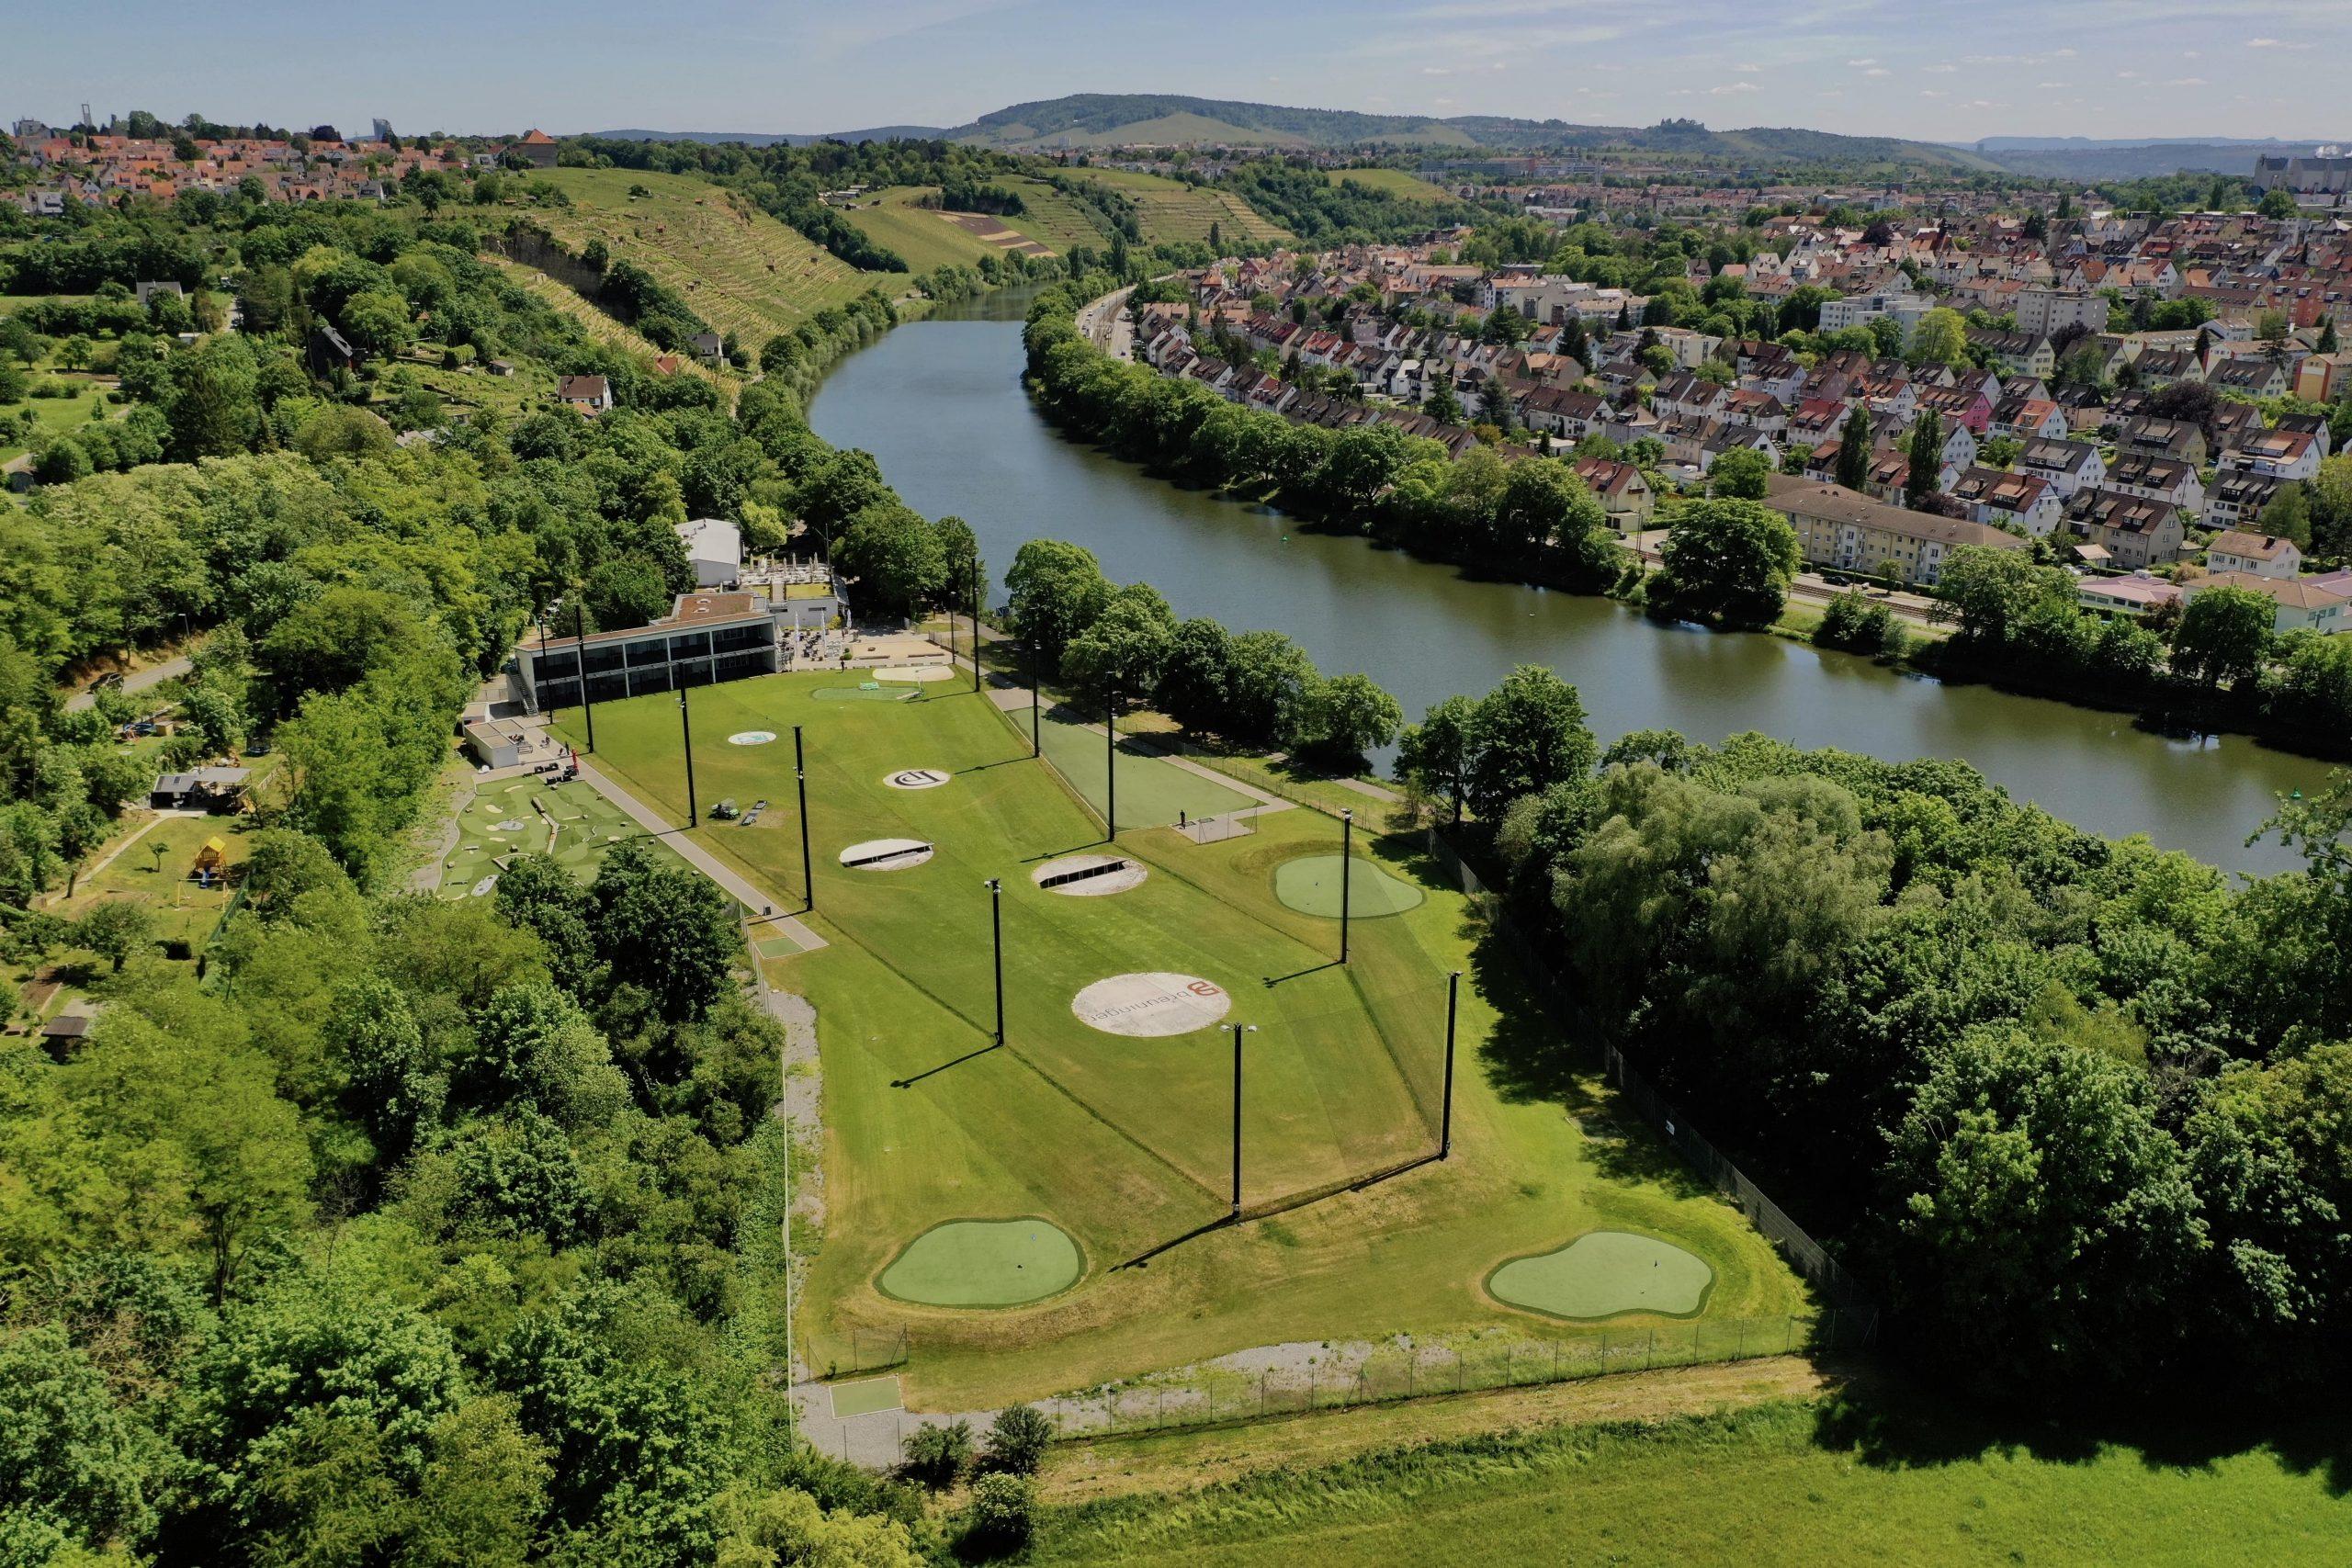 Übersicht über die Golfübungsanlage in Stuttgart mit Driving Range, Kurzplatz, Putting, Adventure Minigolf die das ganze Jahr über geöffnet hat und direkt am Neckar liegt